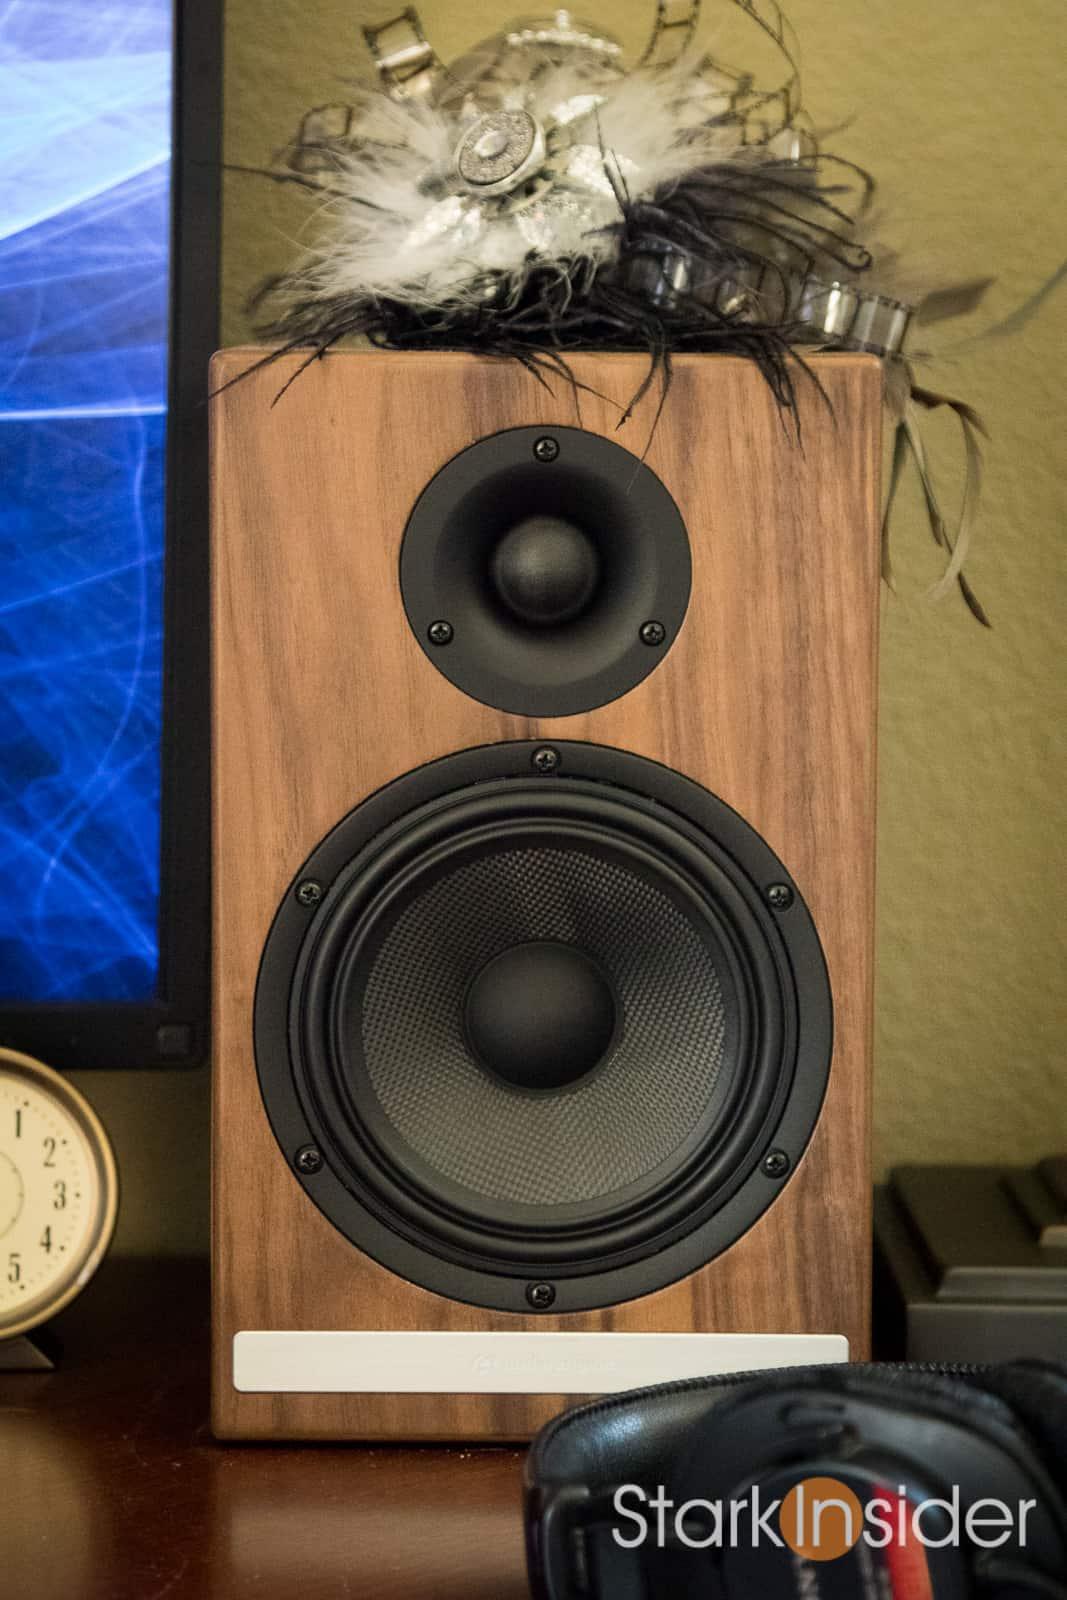 Audioengine Hd6 Powered Speakers Tricitiesinsight Cherry Walnut Review